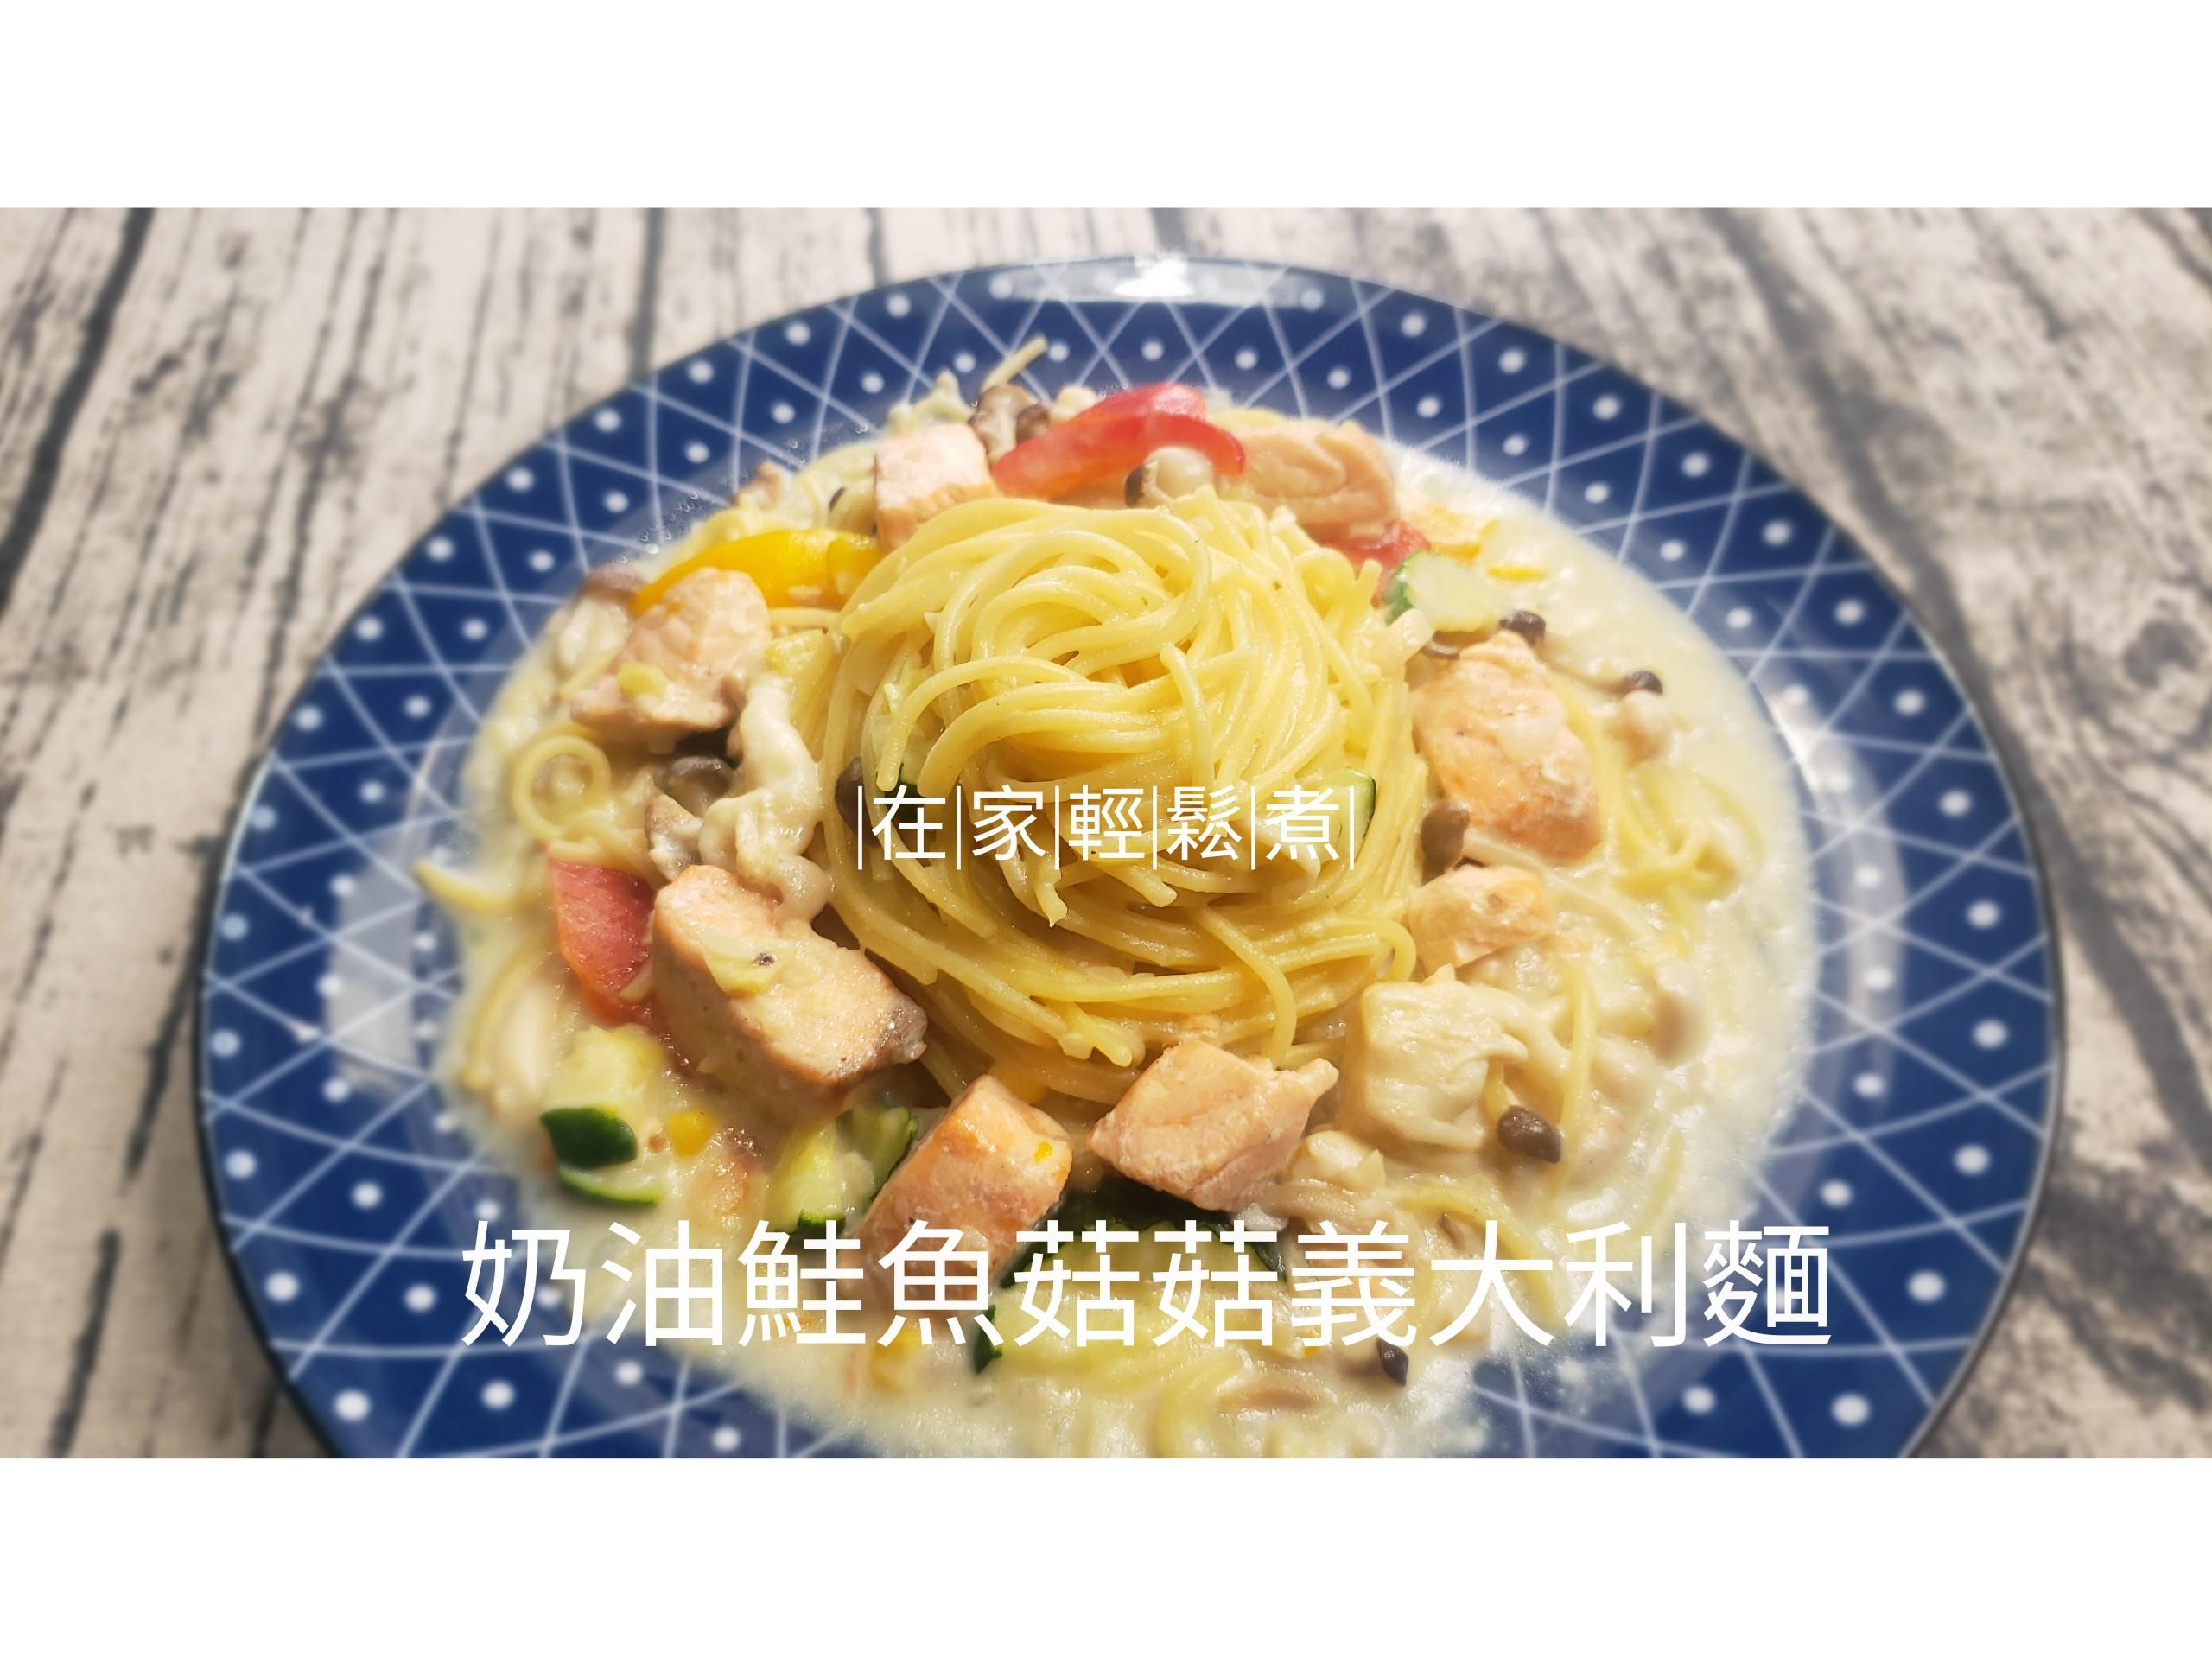 輕鬆煮~奶油鮭魚菇菇義大利麵